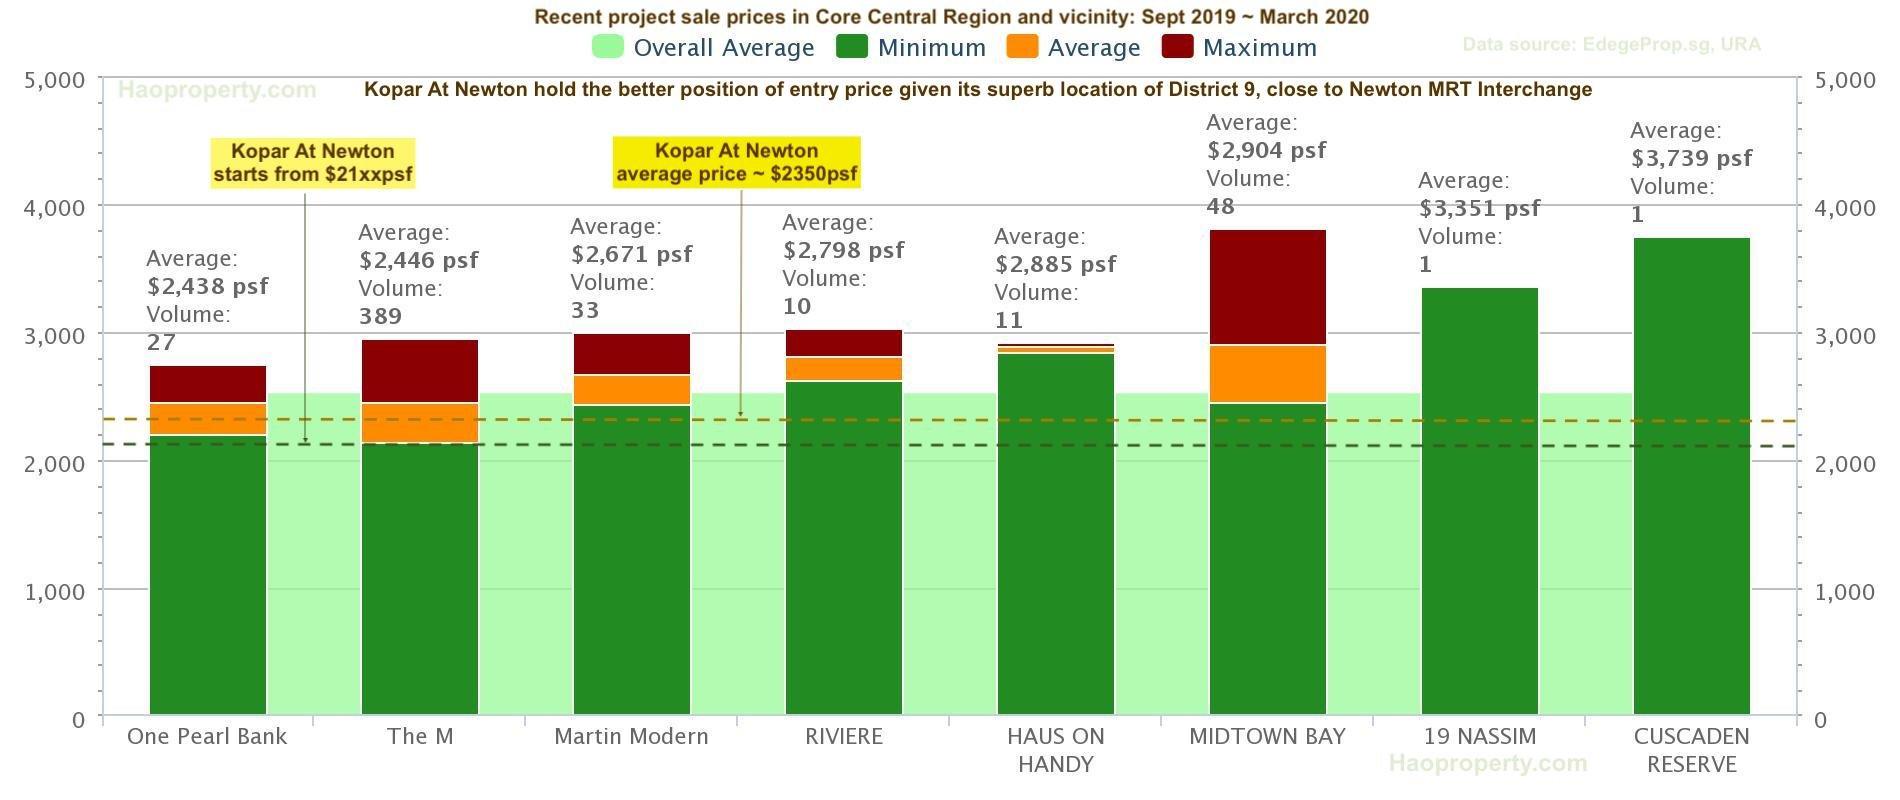 纽顿铜源Kopar At Newton guide prices with recent new launches in 纽顿铜源CCR Regions and vicinity